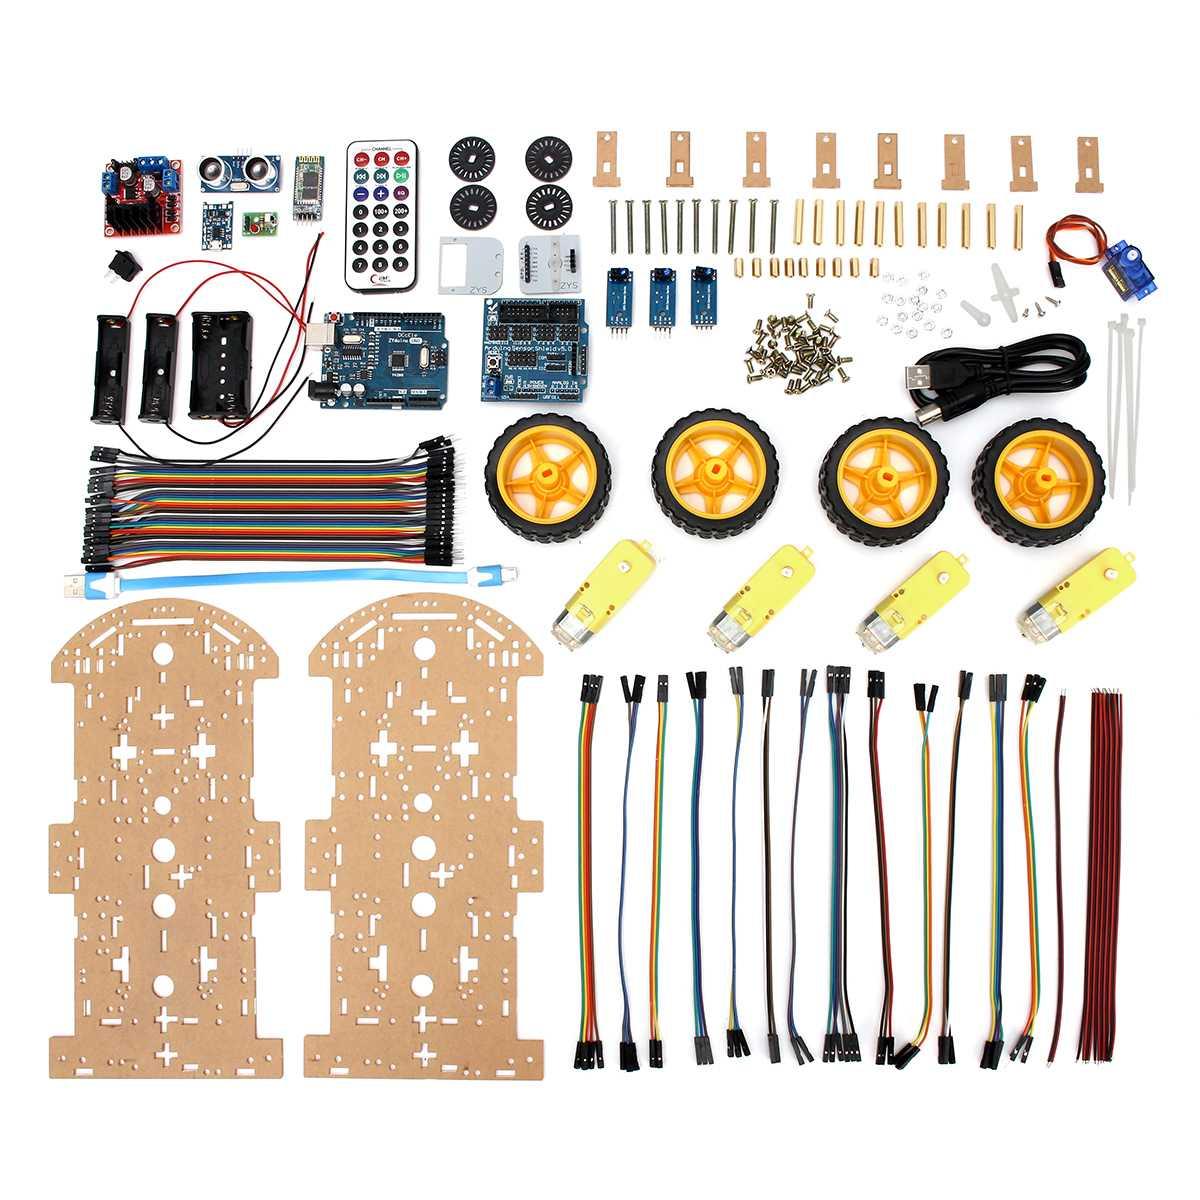 1 Set 4WD Robot intelligent voiture Kit jouets haute technologie Bluetooth IR Obstacle éviter ligne suivre L298N ForArduino Programmable jouets Kit de bricolage